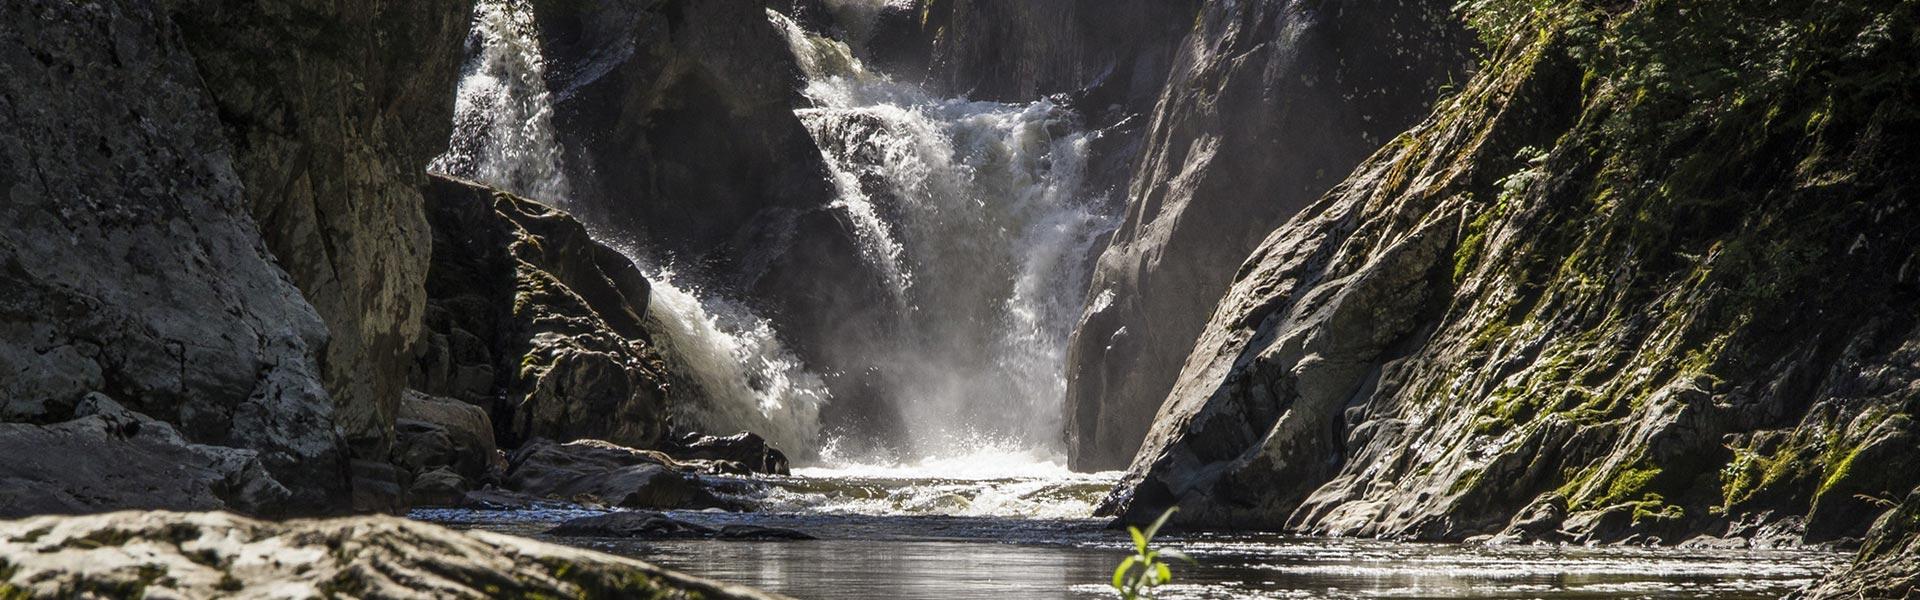 Big Falls header